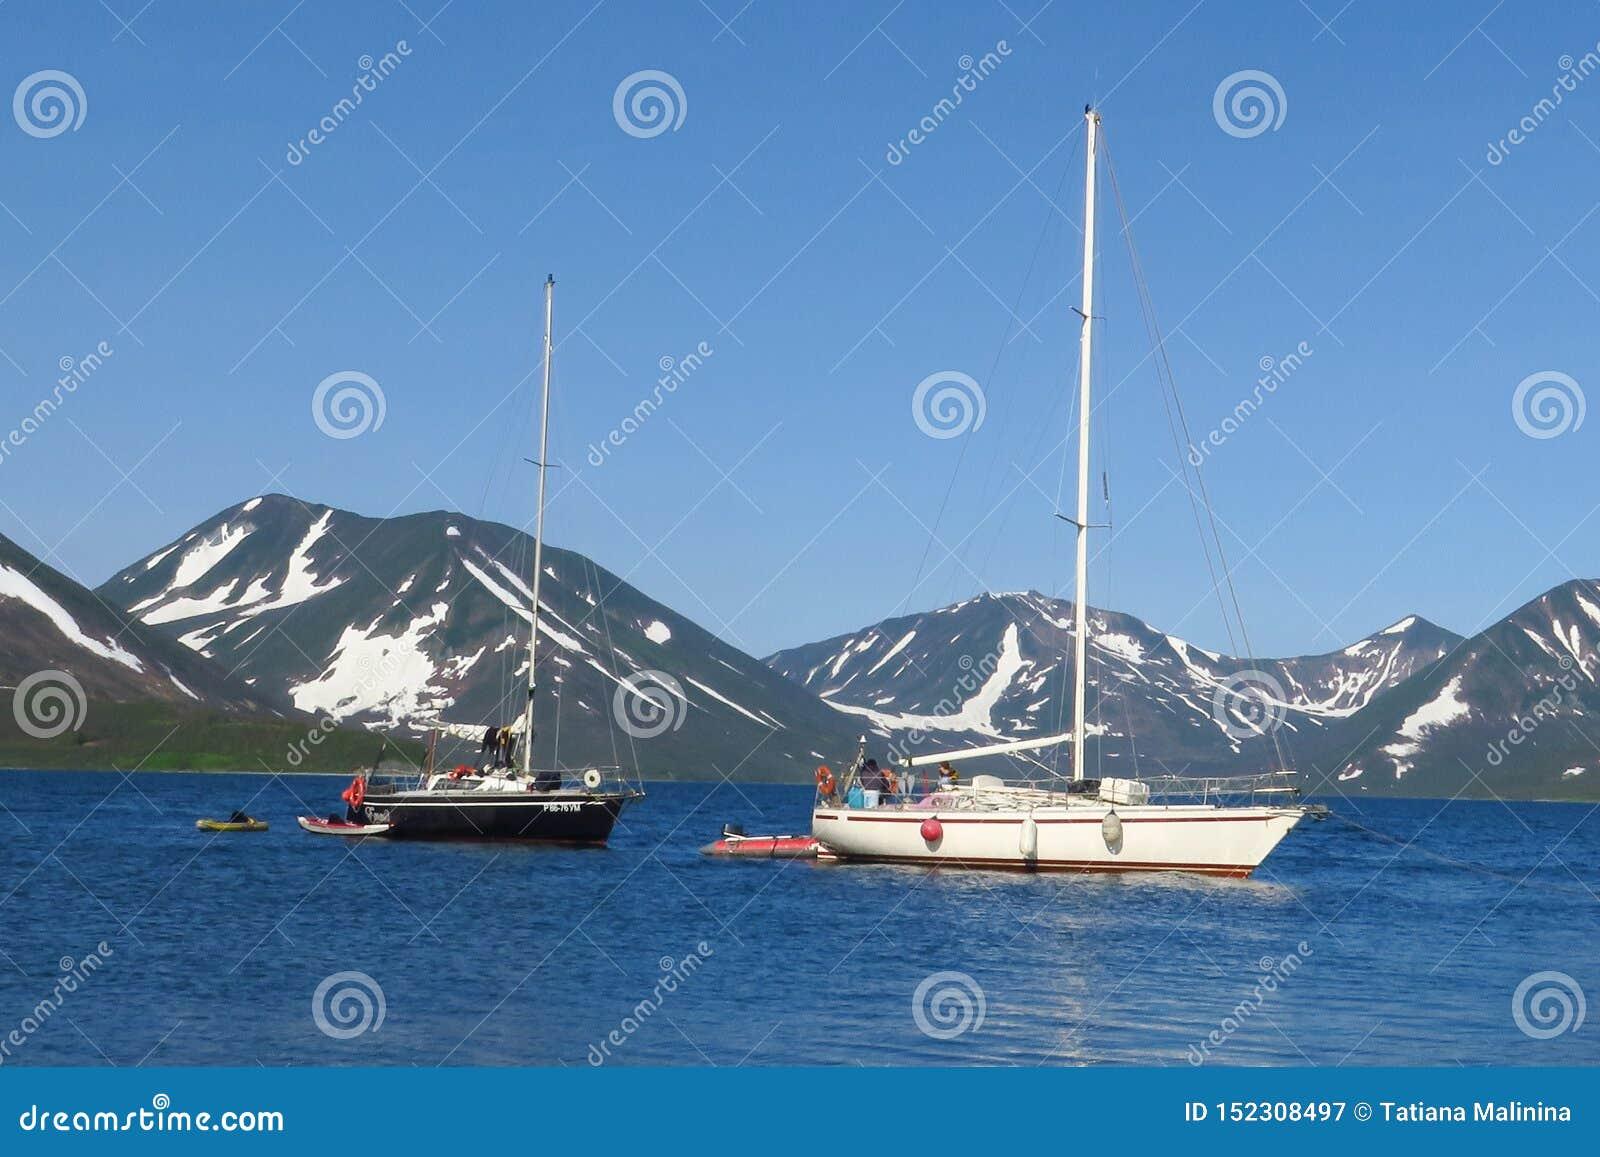 La vue de deux yachts sous les voiles blanches et noires concurrencent dans l événement de navigation d équipe La Mer du Nord, ci